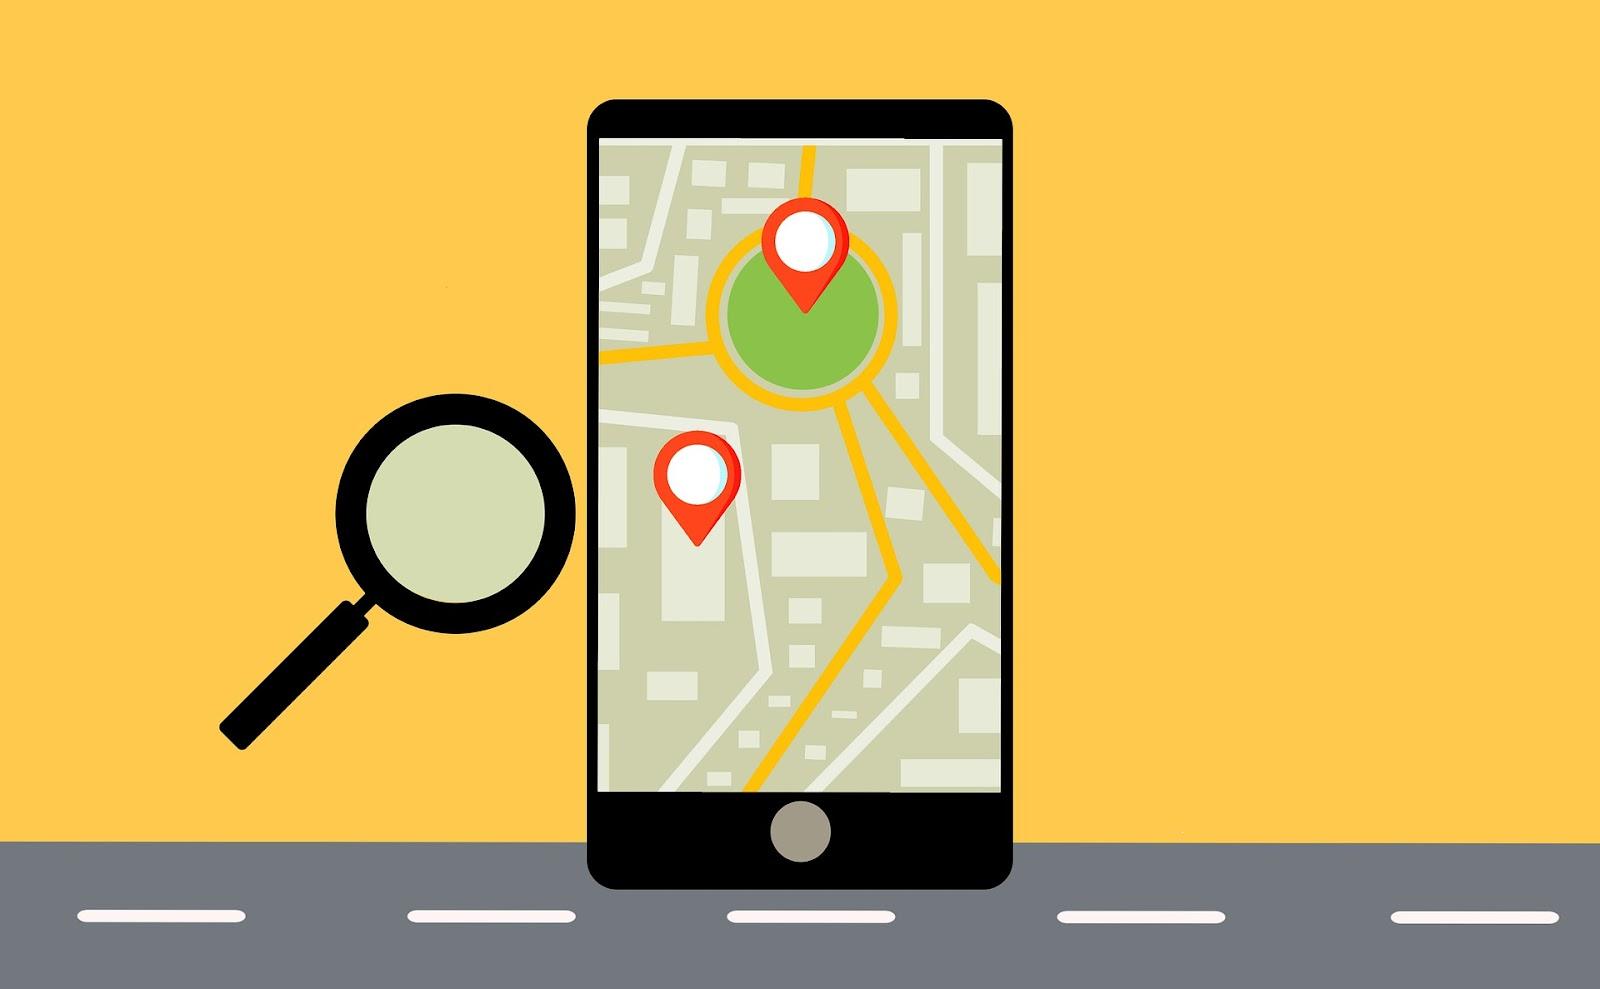 Image d'une plateforme de mise en relation sur un mobile